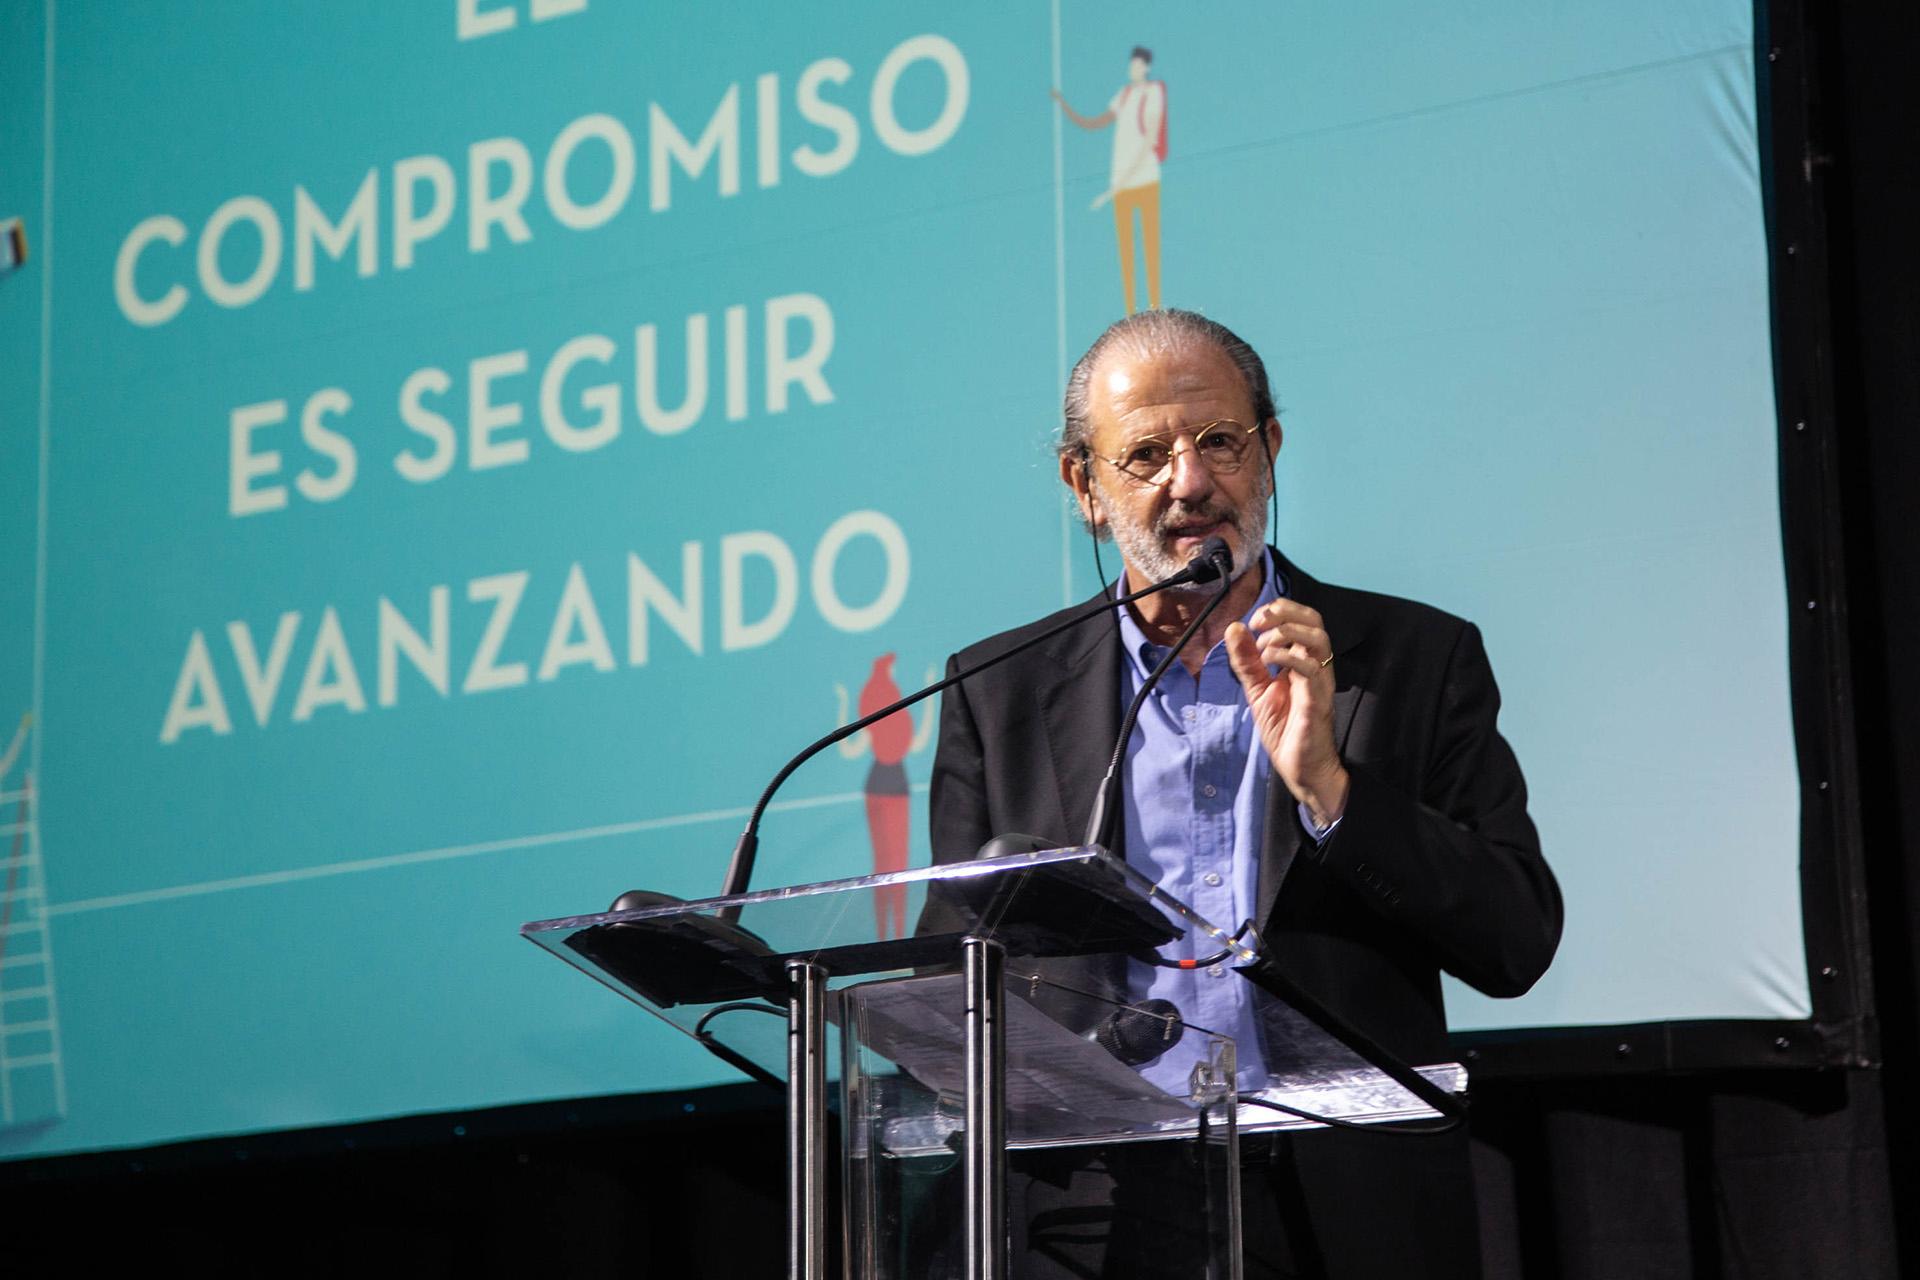 Roberto Vivo